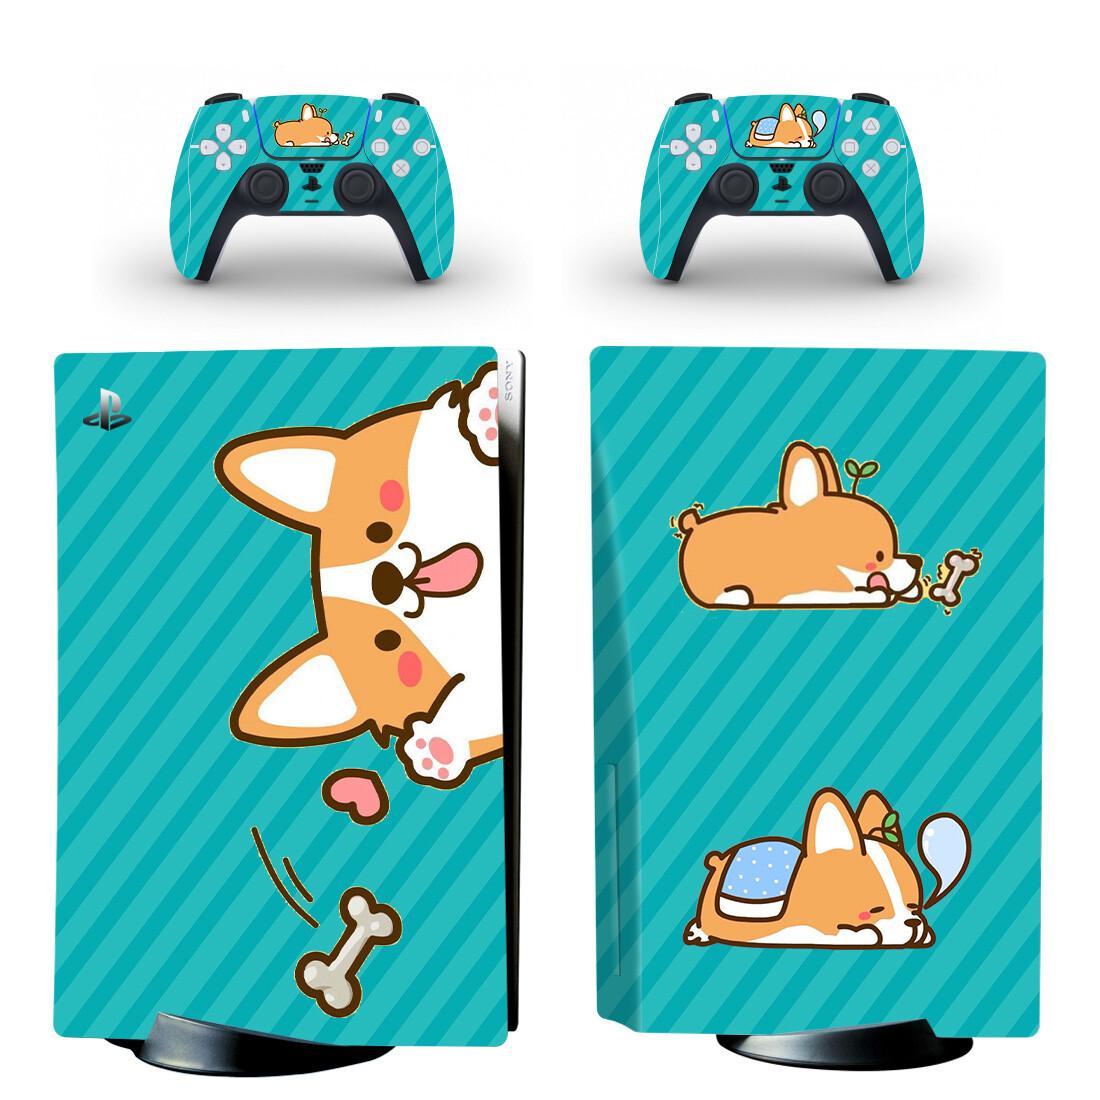 Shiba Inu Cartoon Dog PS5 Skin Sticker Decal Design 1